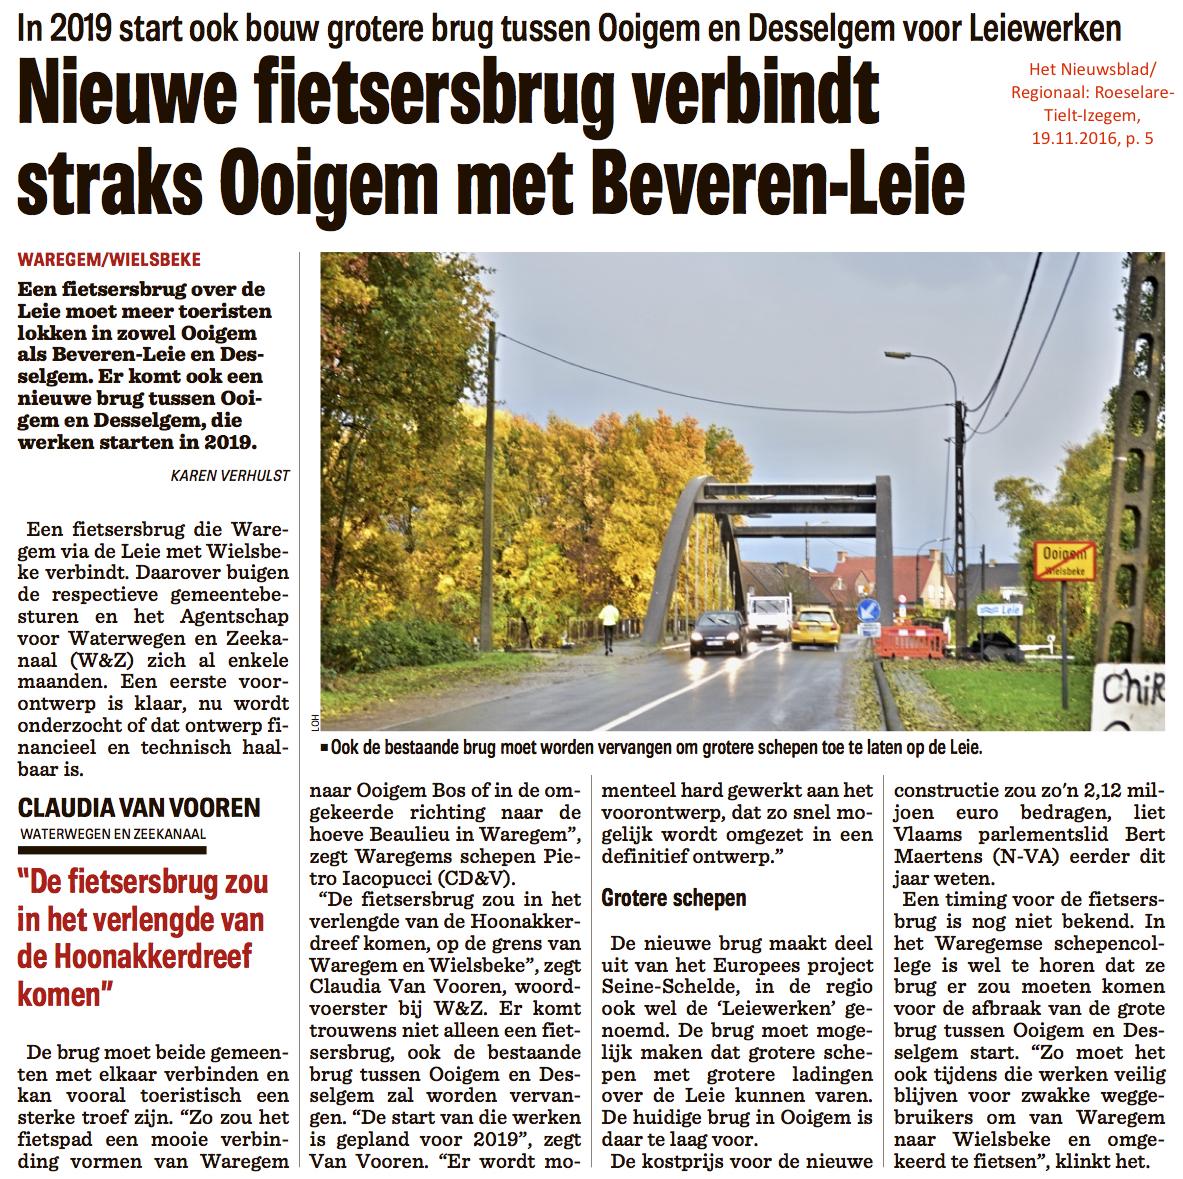 Het Nieuwsblad/Regionaal: Roeselare-Tielt-Izegem, 19.11.2016, p. 5